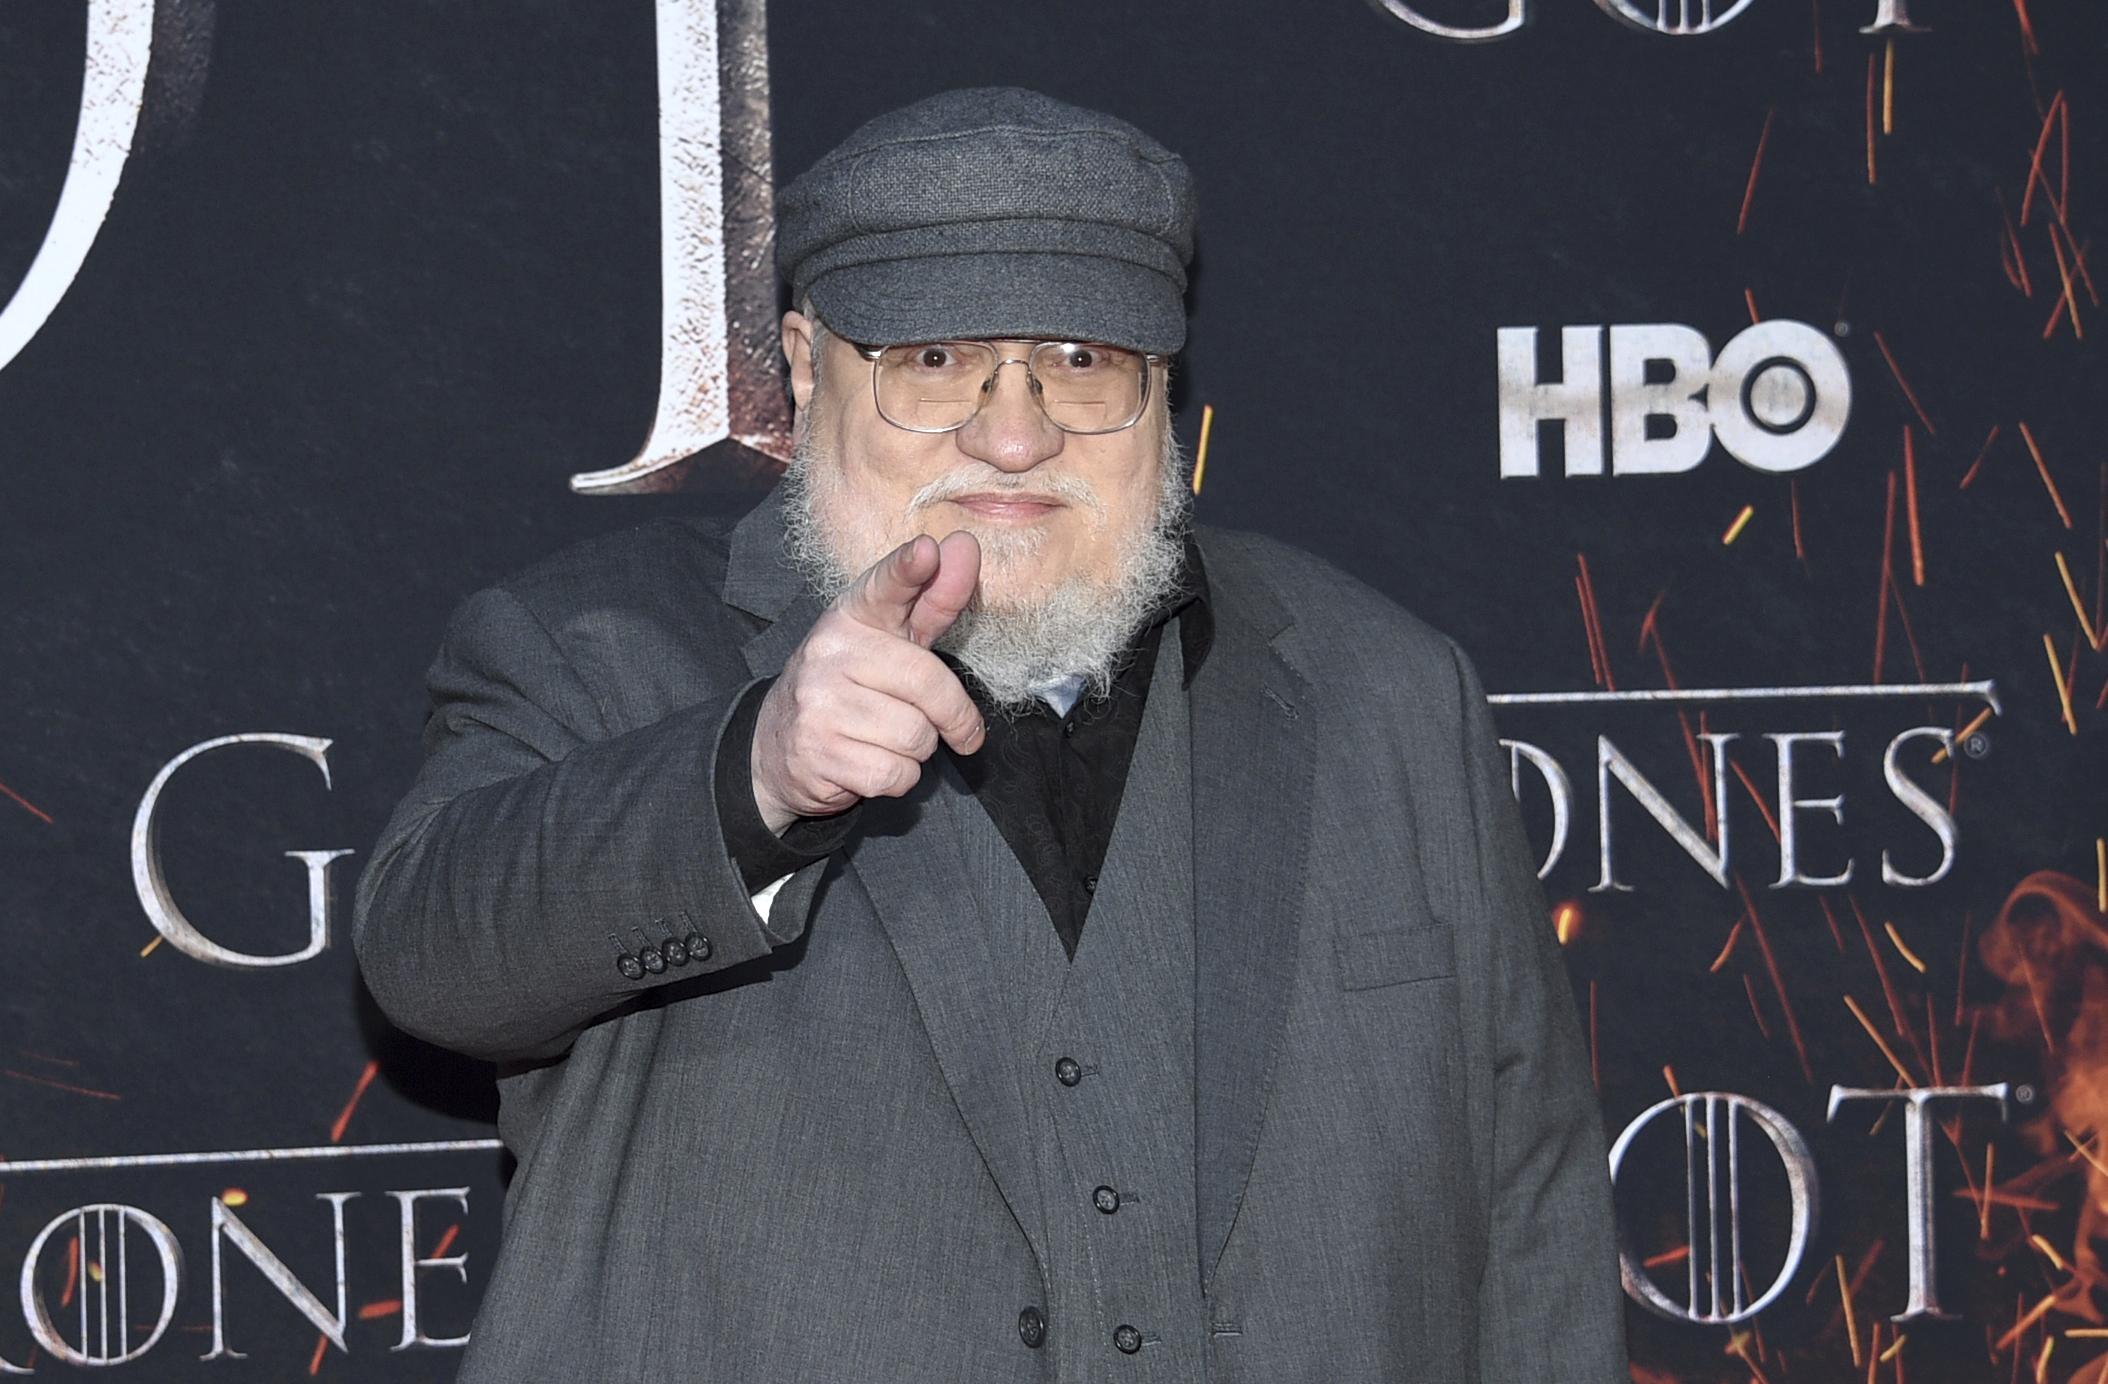 """Lỡ miệng hứa sẽ xuất bản sách mới trong tháng 7/2020, cha đẻ của Game of  Thrones bị fan đòi """"bắt giam"""" vì mãi vẫn chưa thấy sách đâu"""